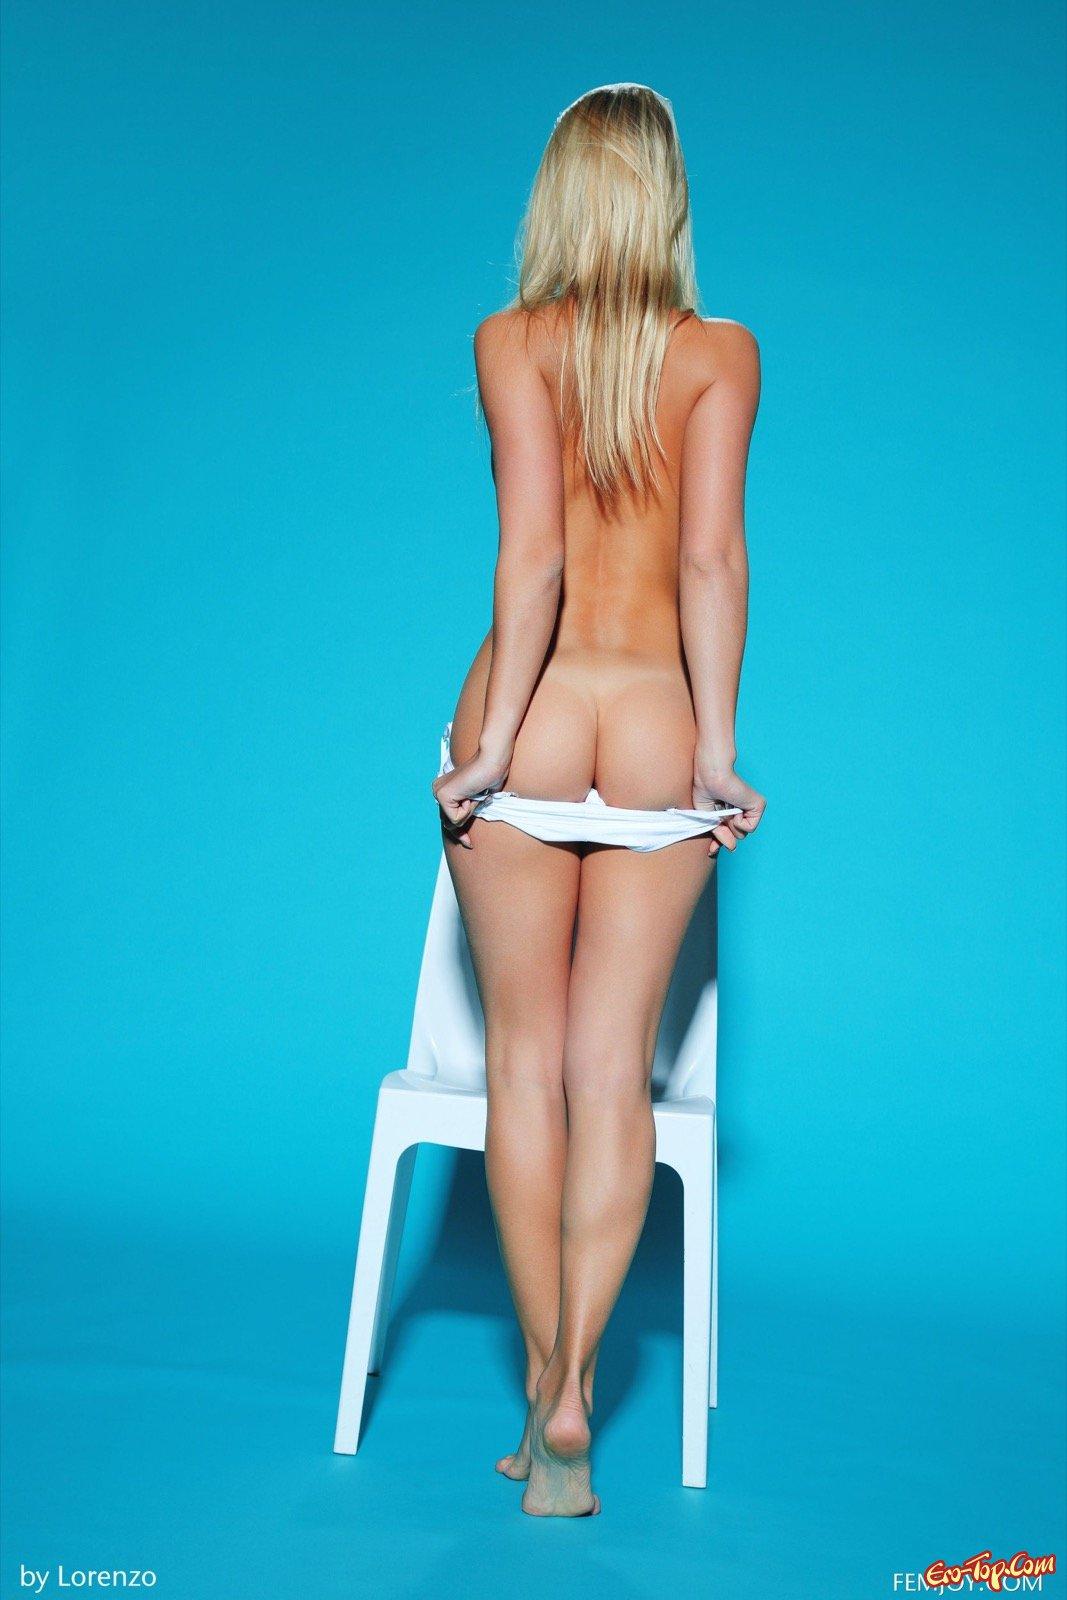 Девица с маленькой грудью сняла купальник на стуле